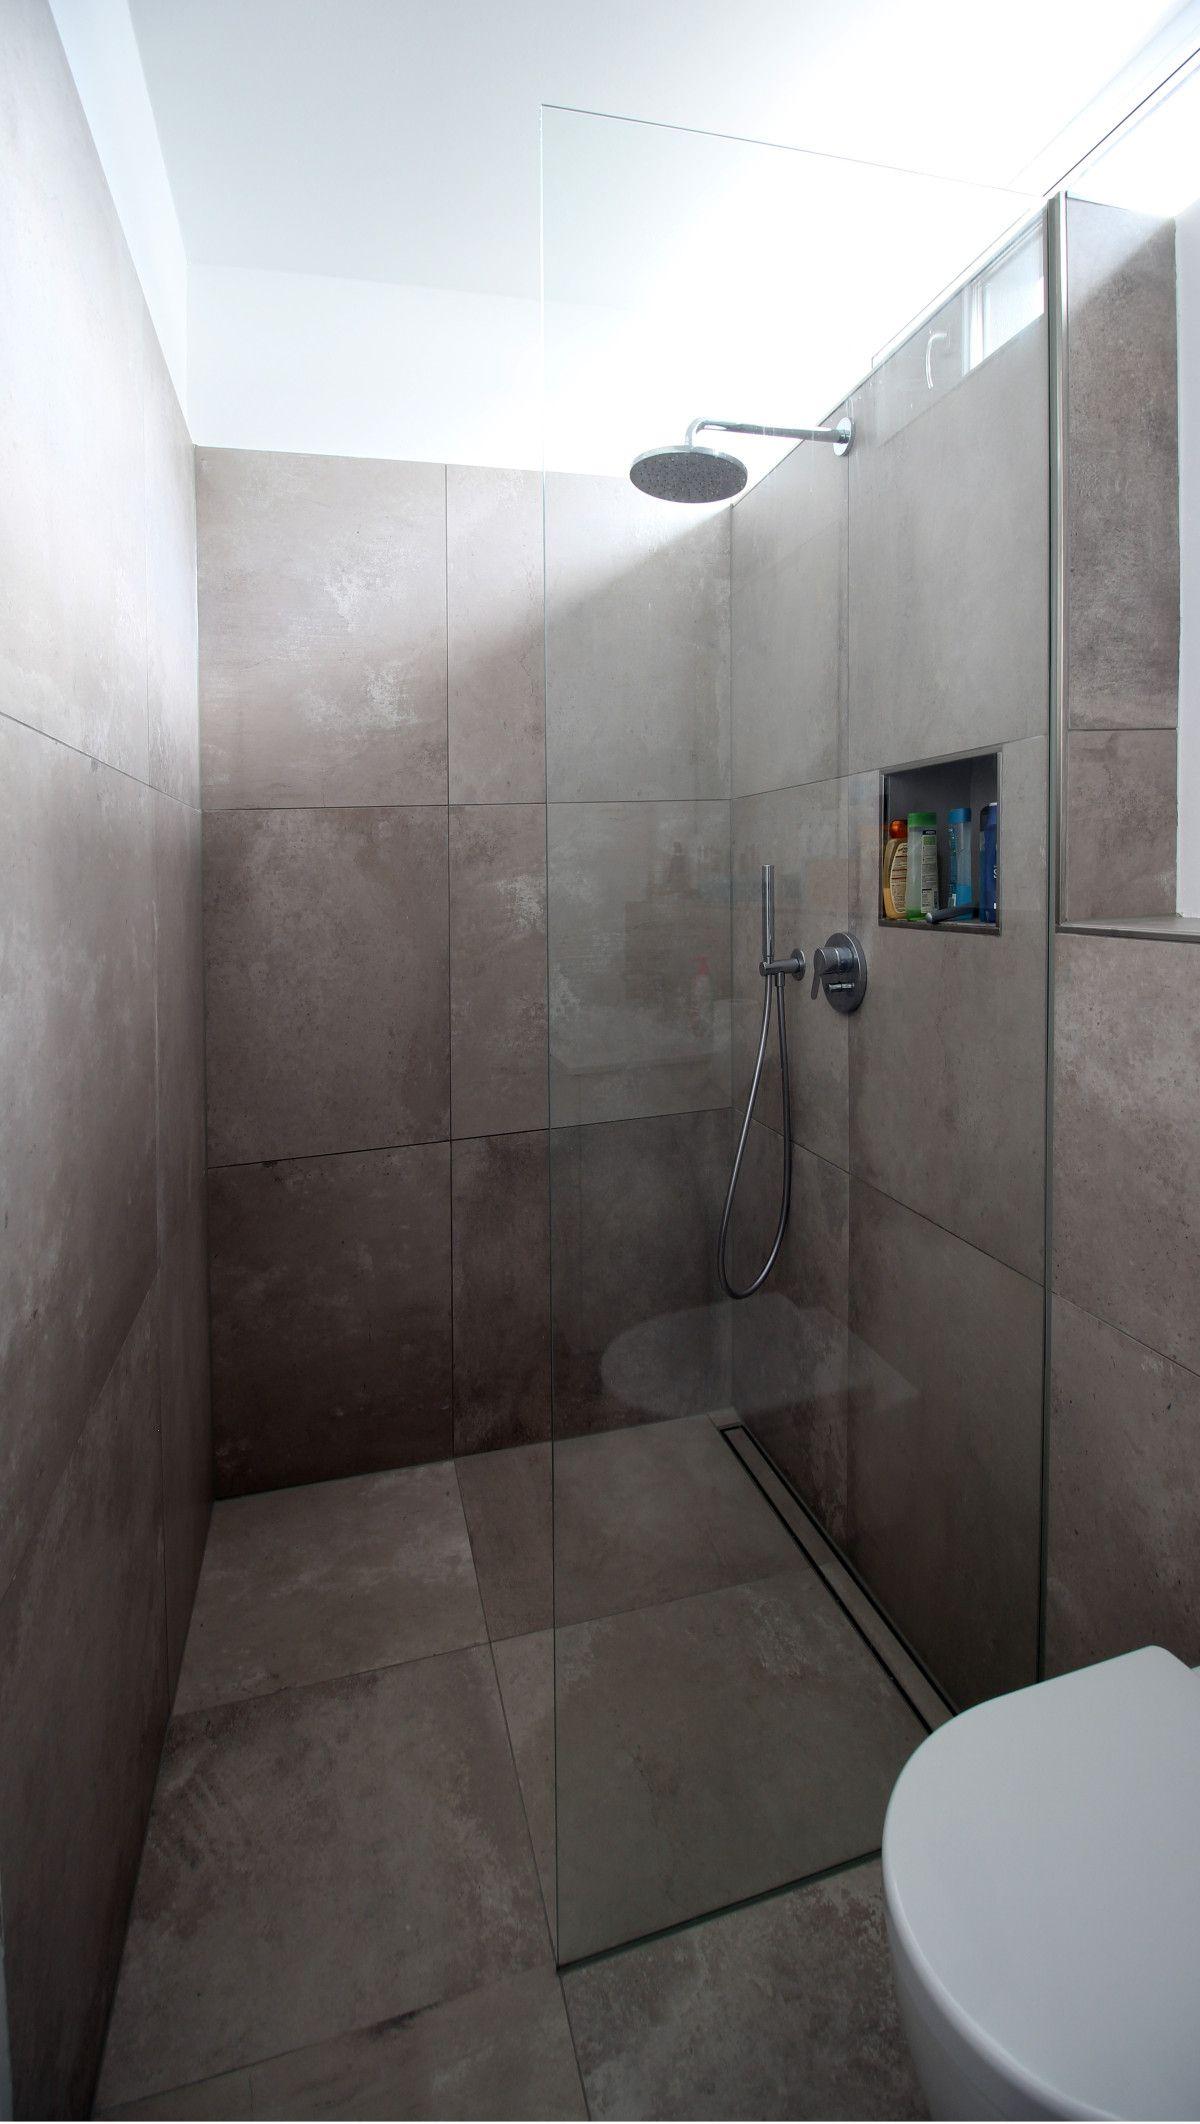 Bad Bodengleiche Dusche Glasabtrennung Fliesen Badezimmer Fliesen Badezimmer Bodengleiche Dusche Fliesen